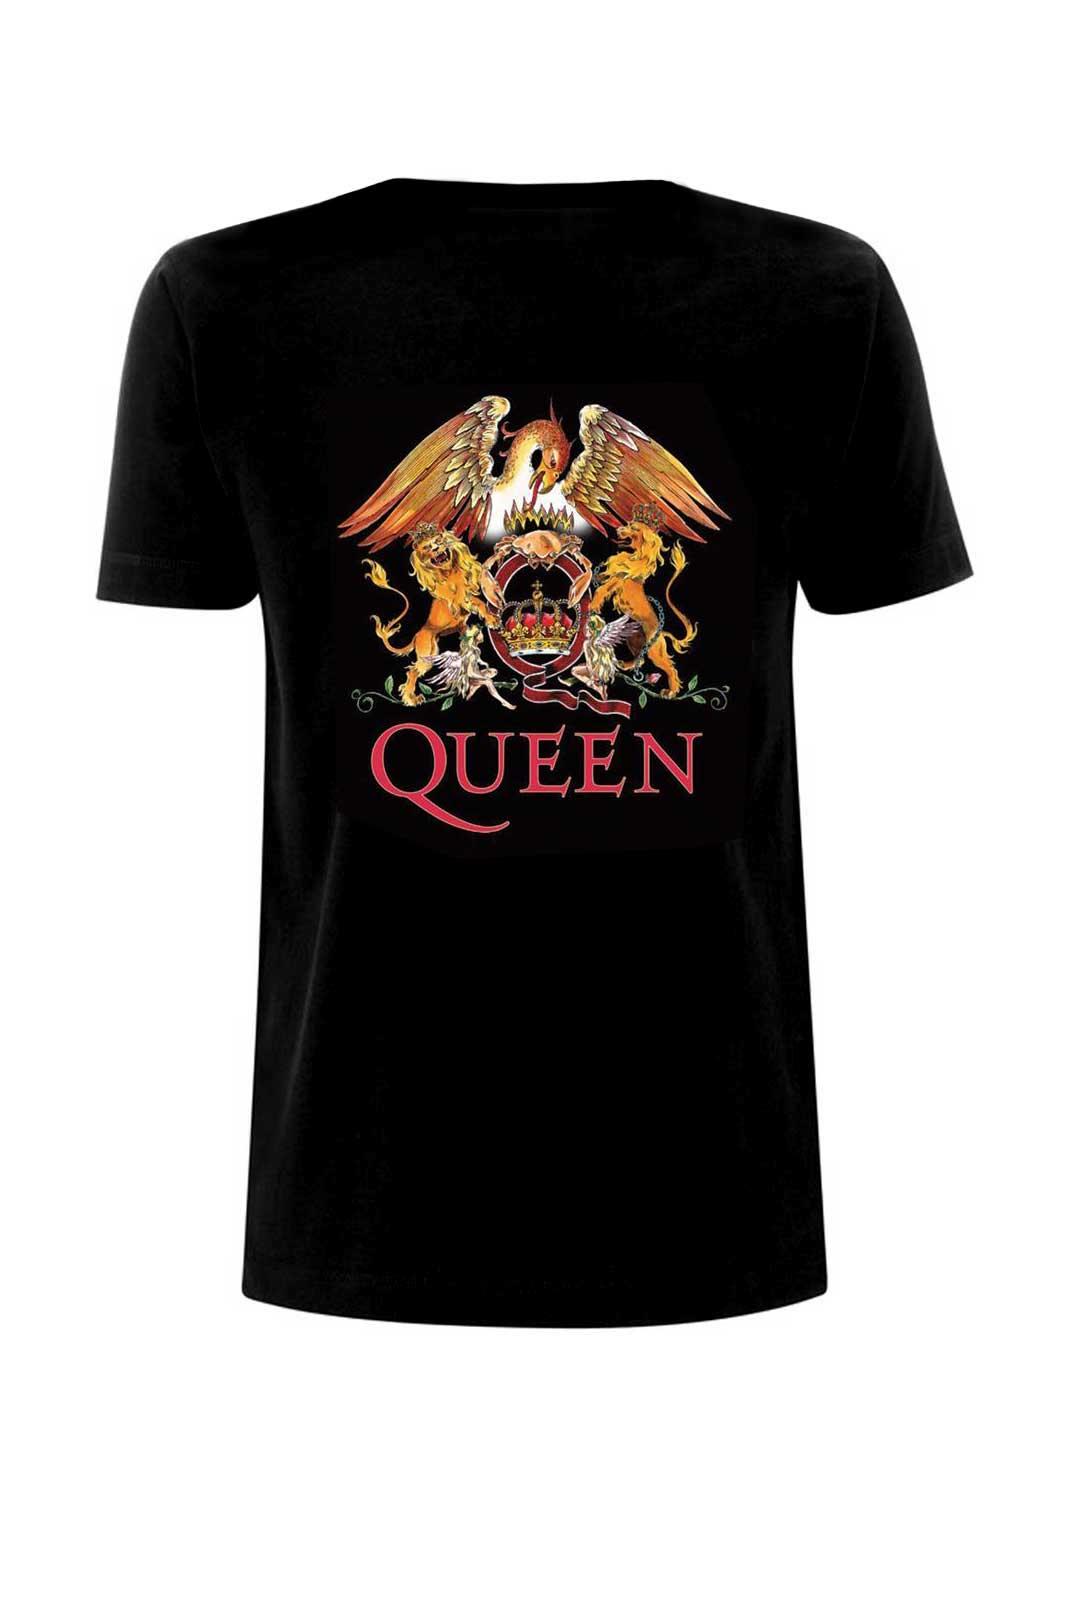 Tee Queen Classic Crest Black